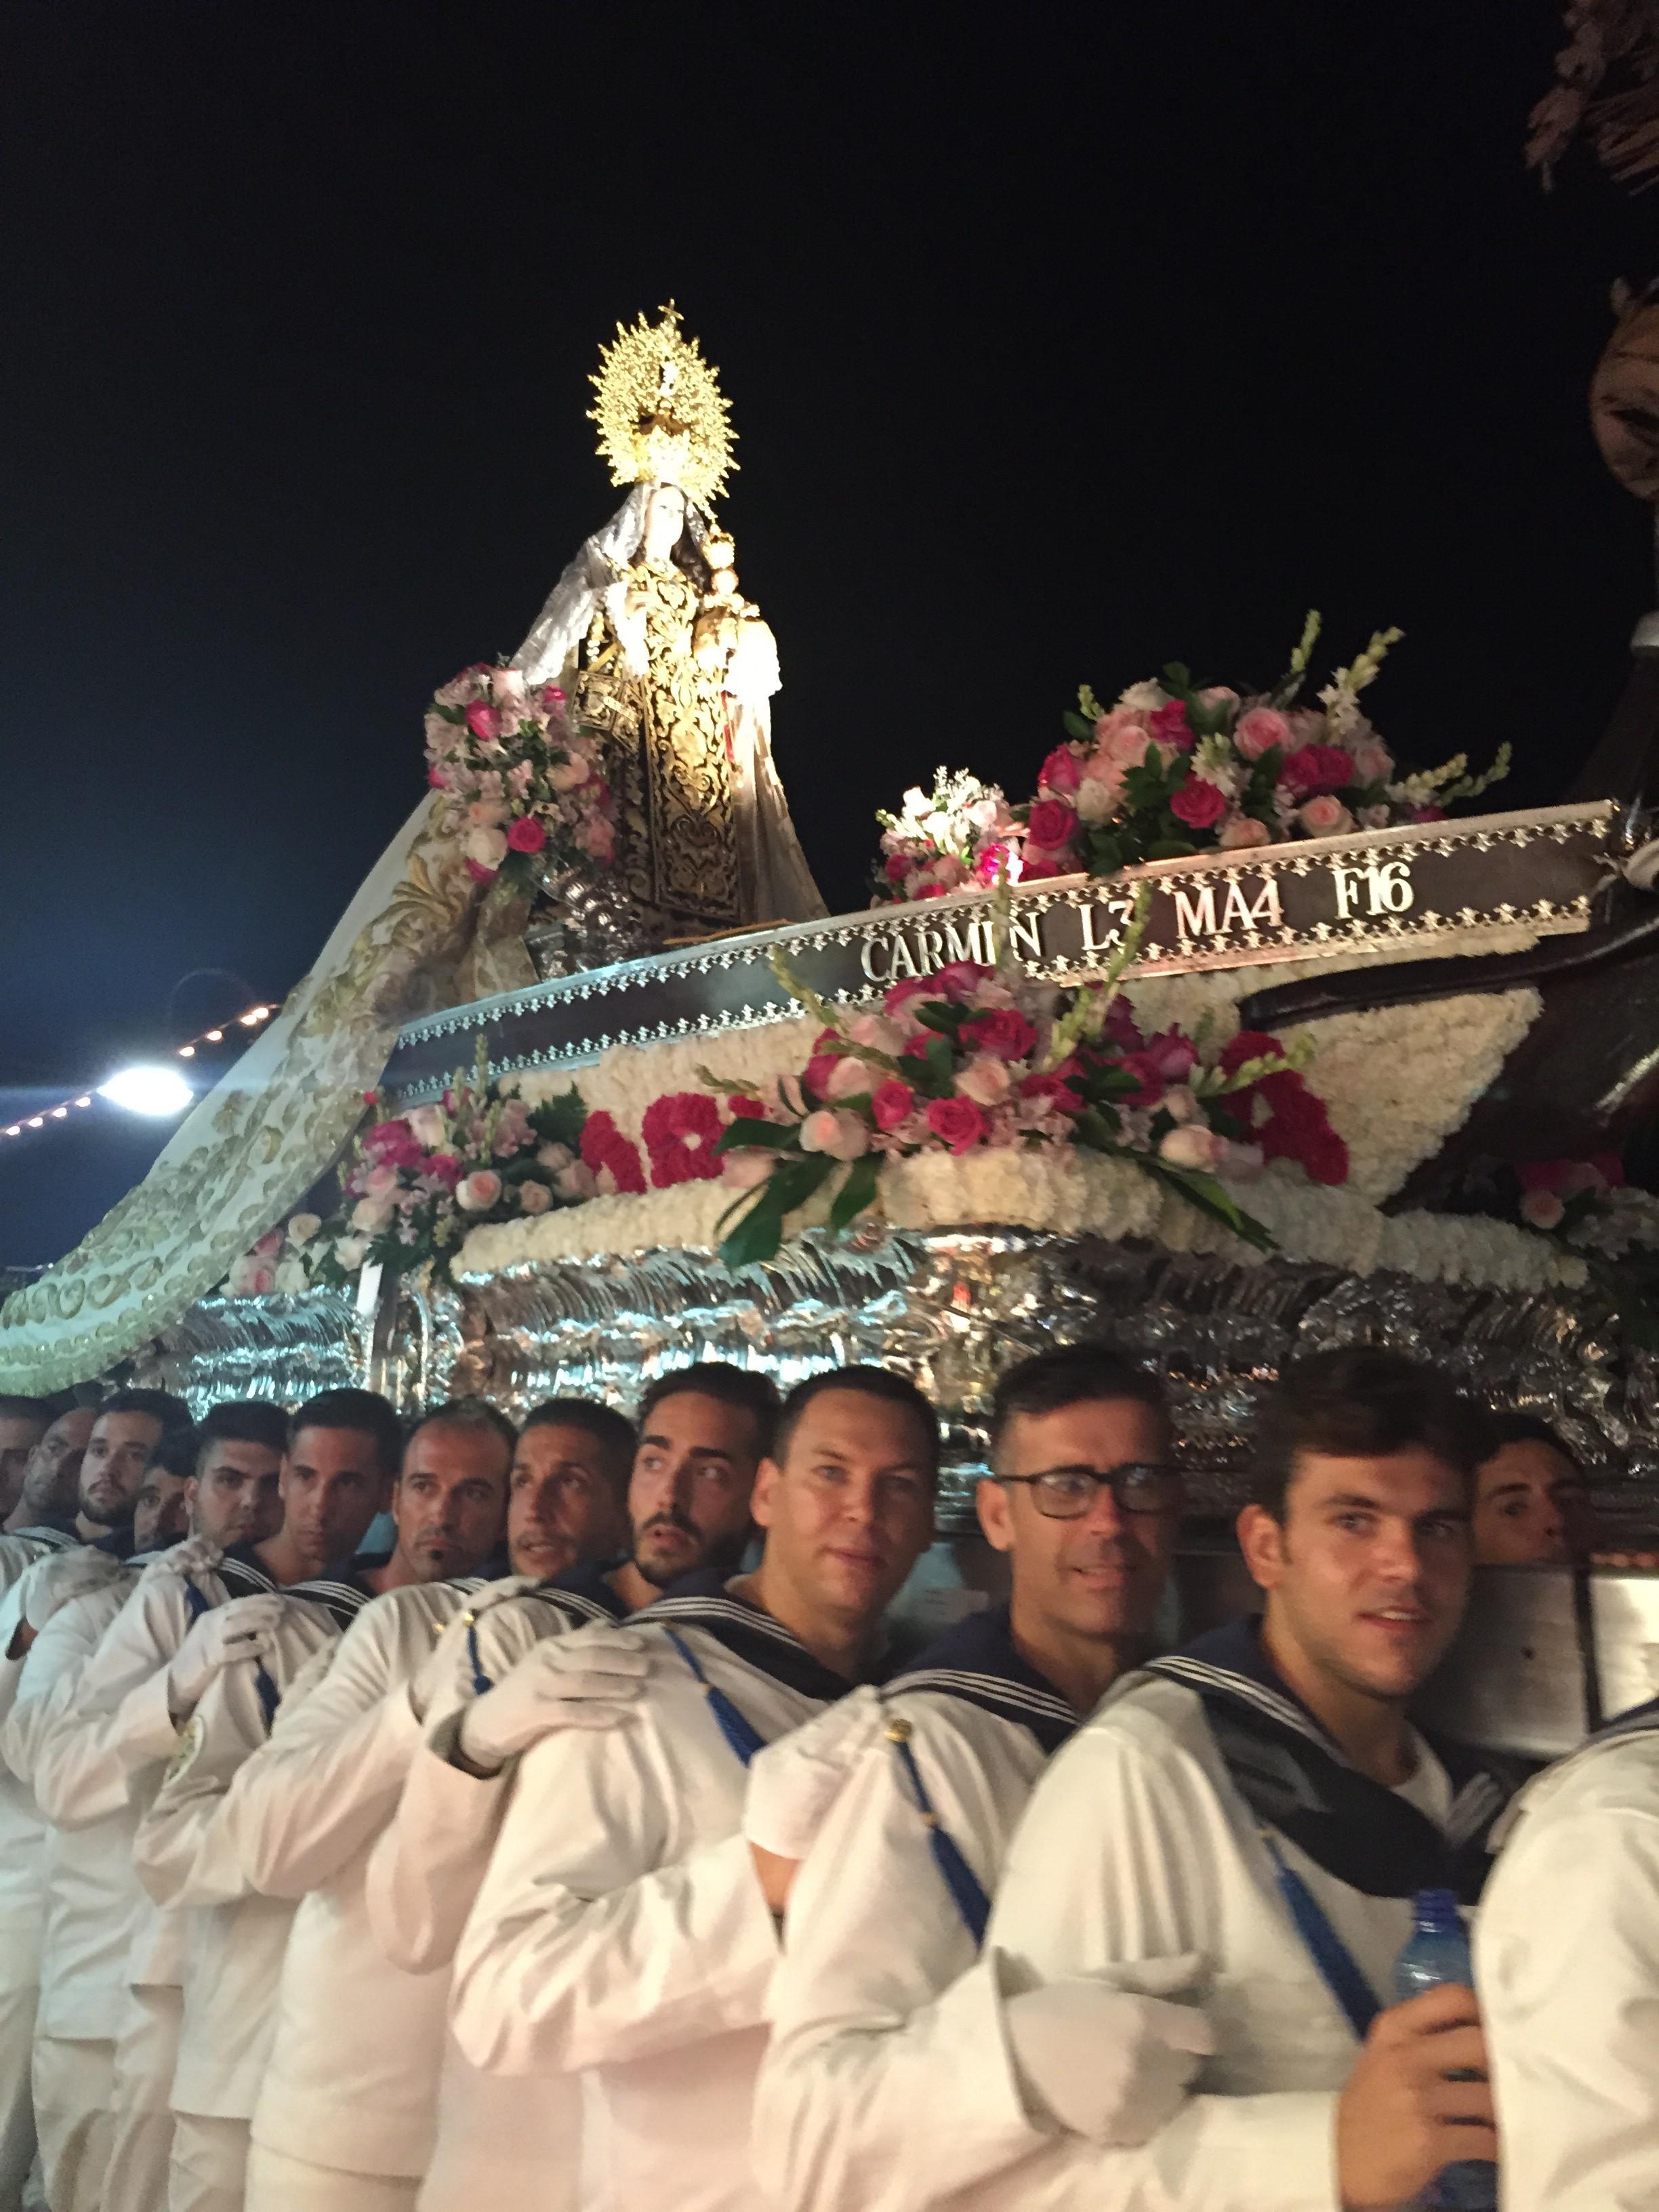 Virgen del Carmen Carihuela